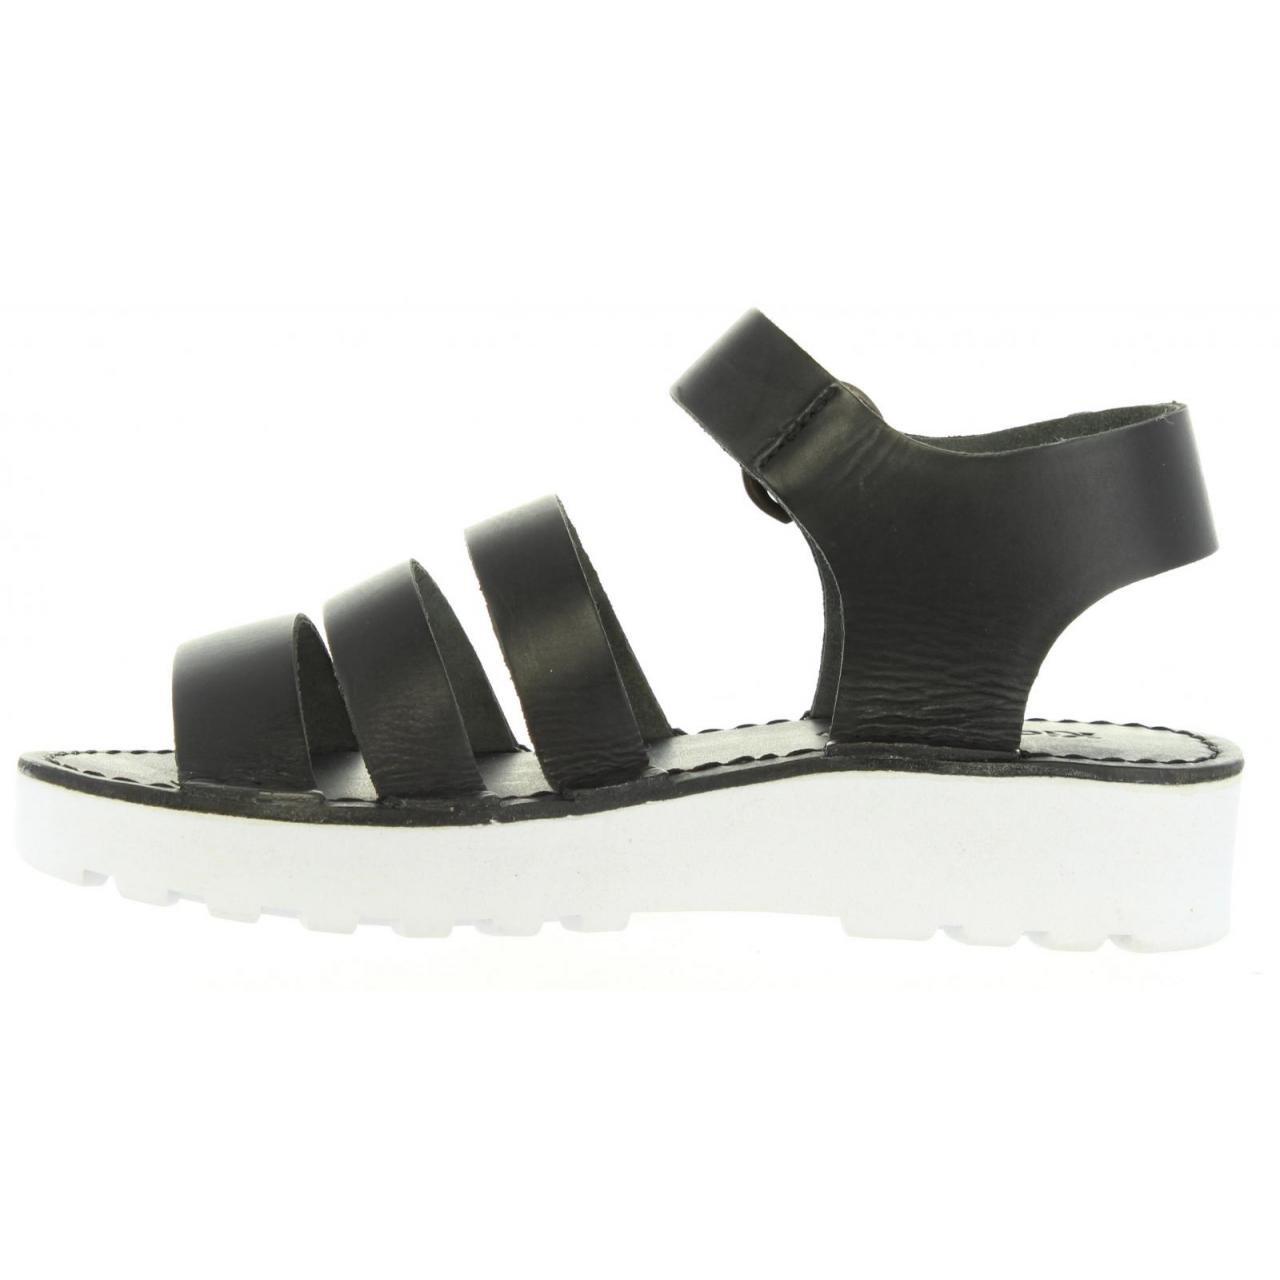 470900 81 Femme 55 Sandales Kickers Blanc Noir Clipper pour Taille qHYnt